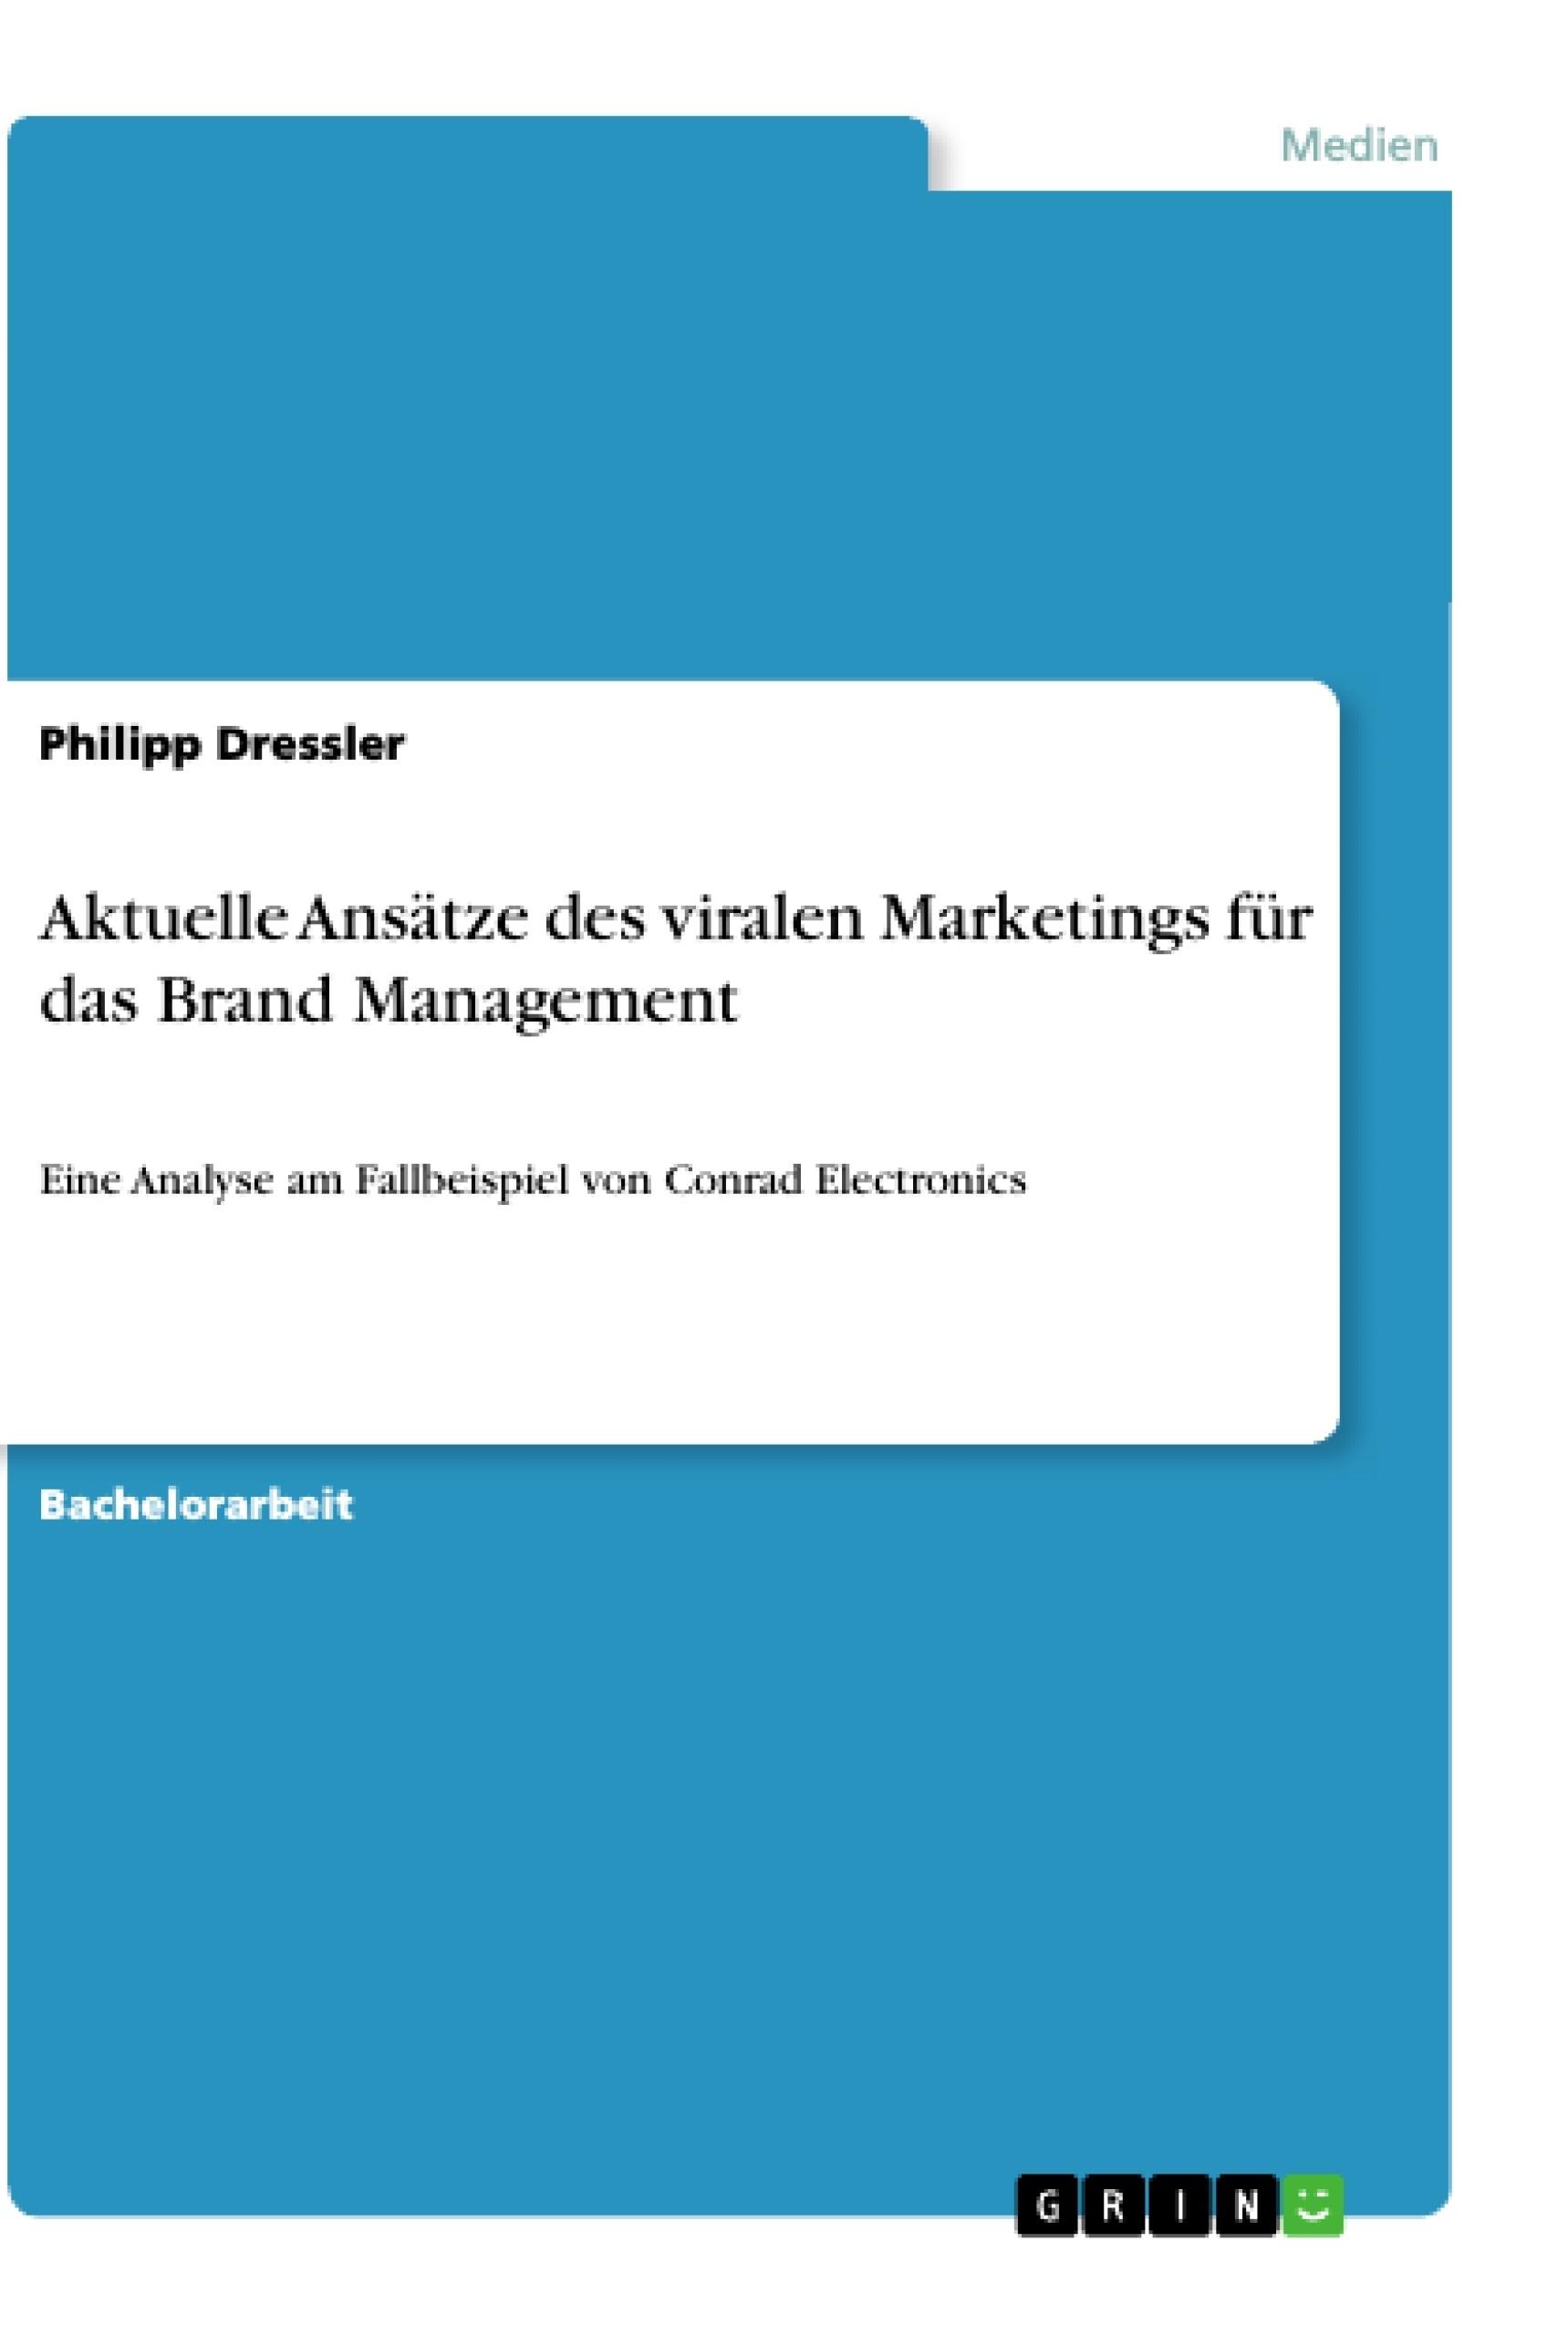 Titel: Aktuelle Ansätze des viralen Marketings für das Brand Management